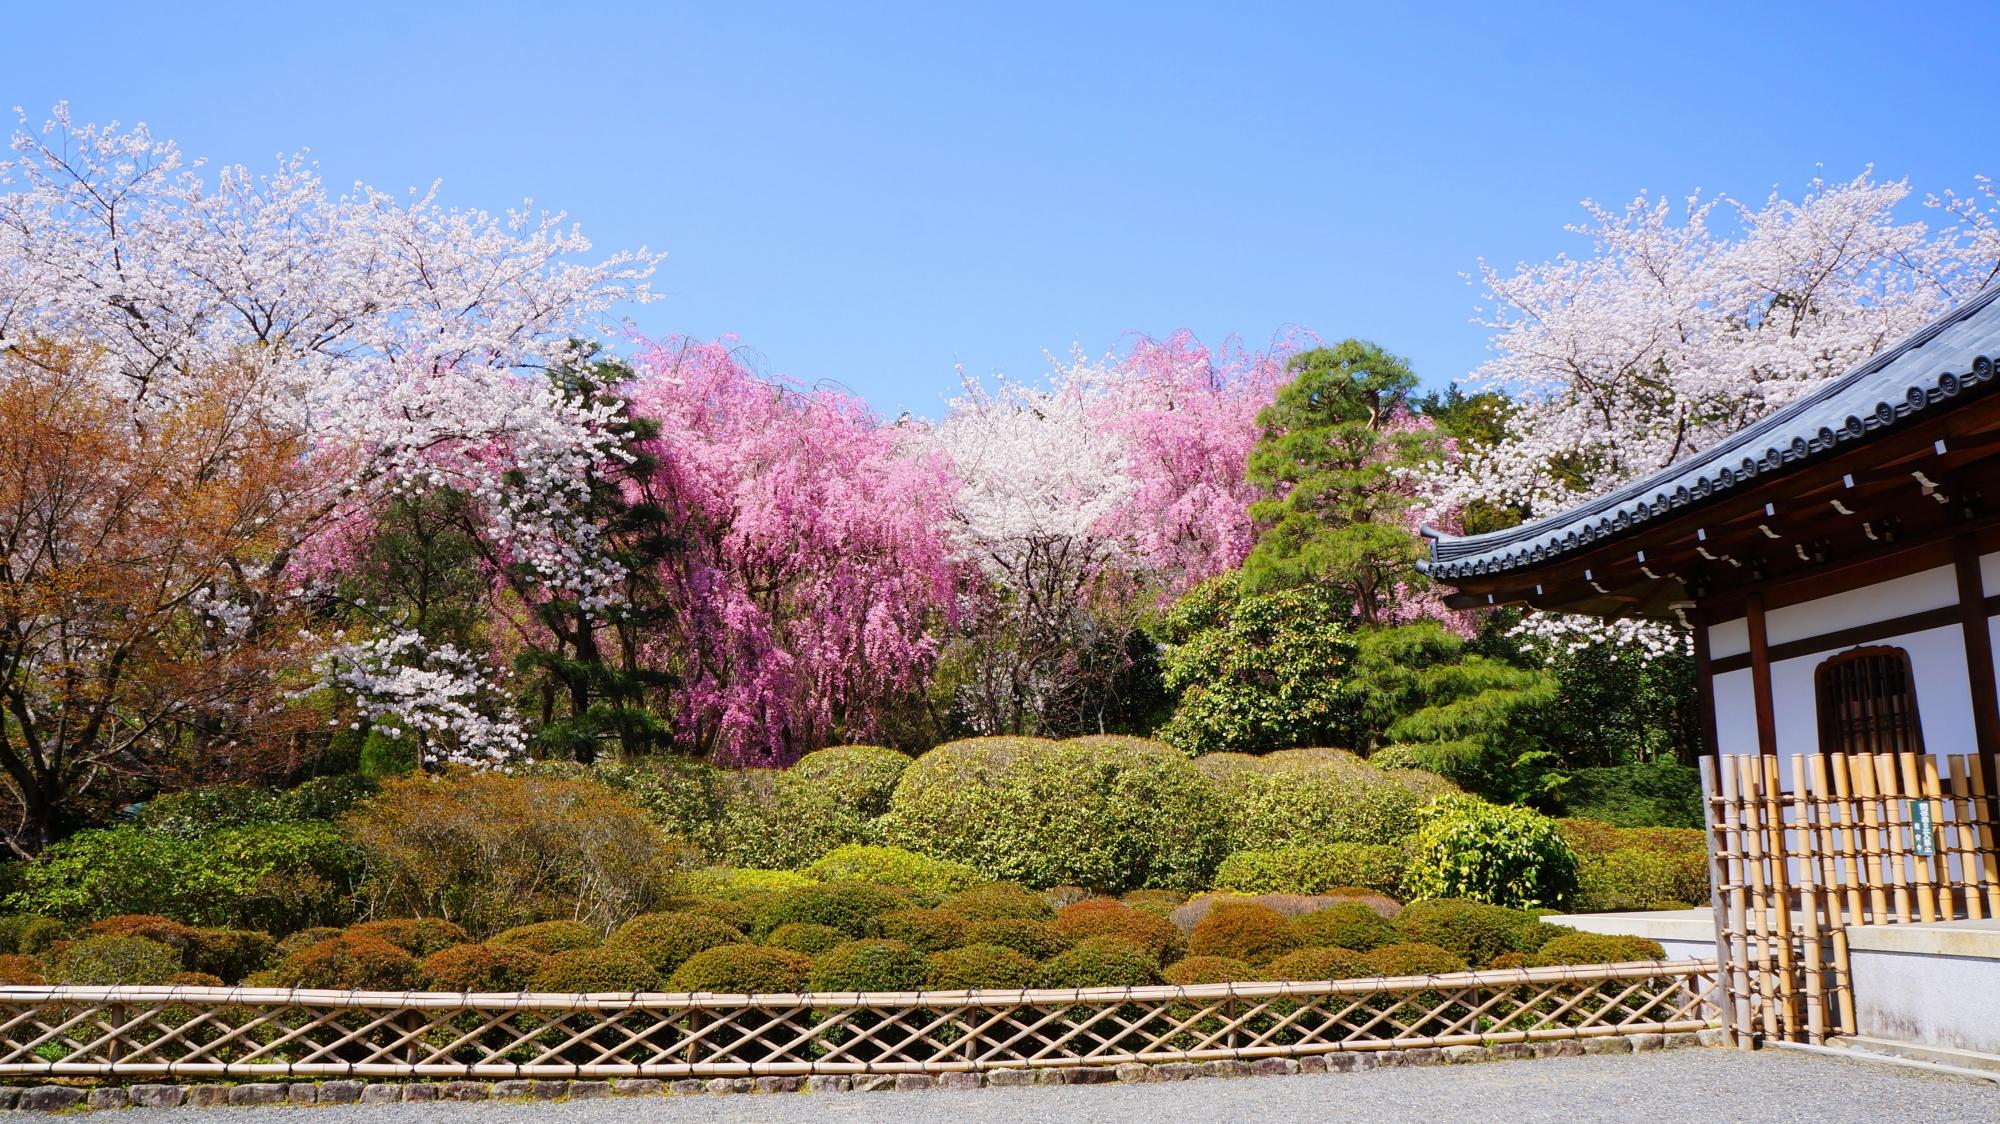 龍安寺の納骨堂前の桜